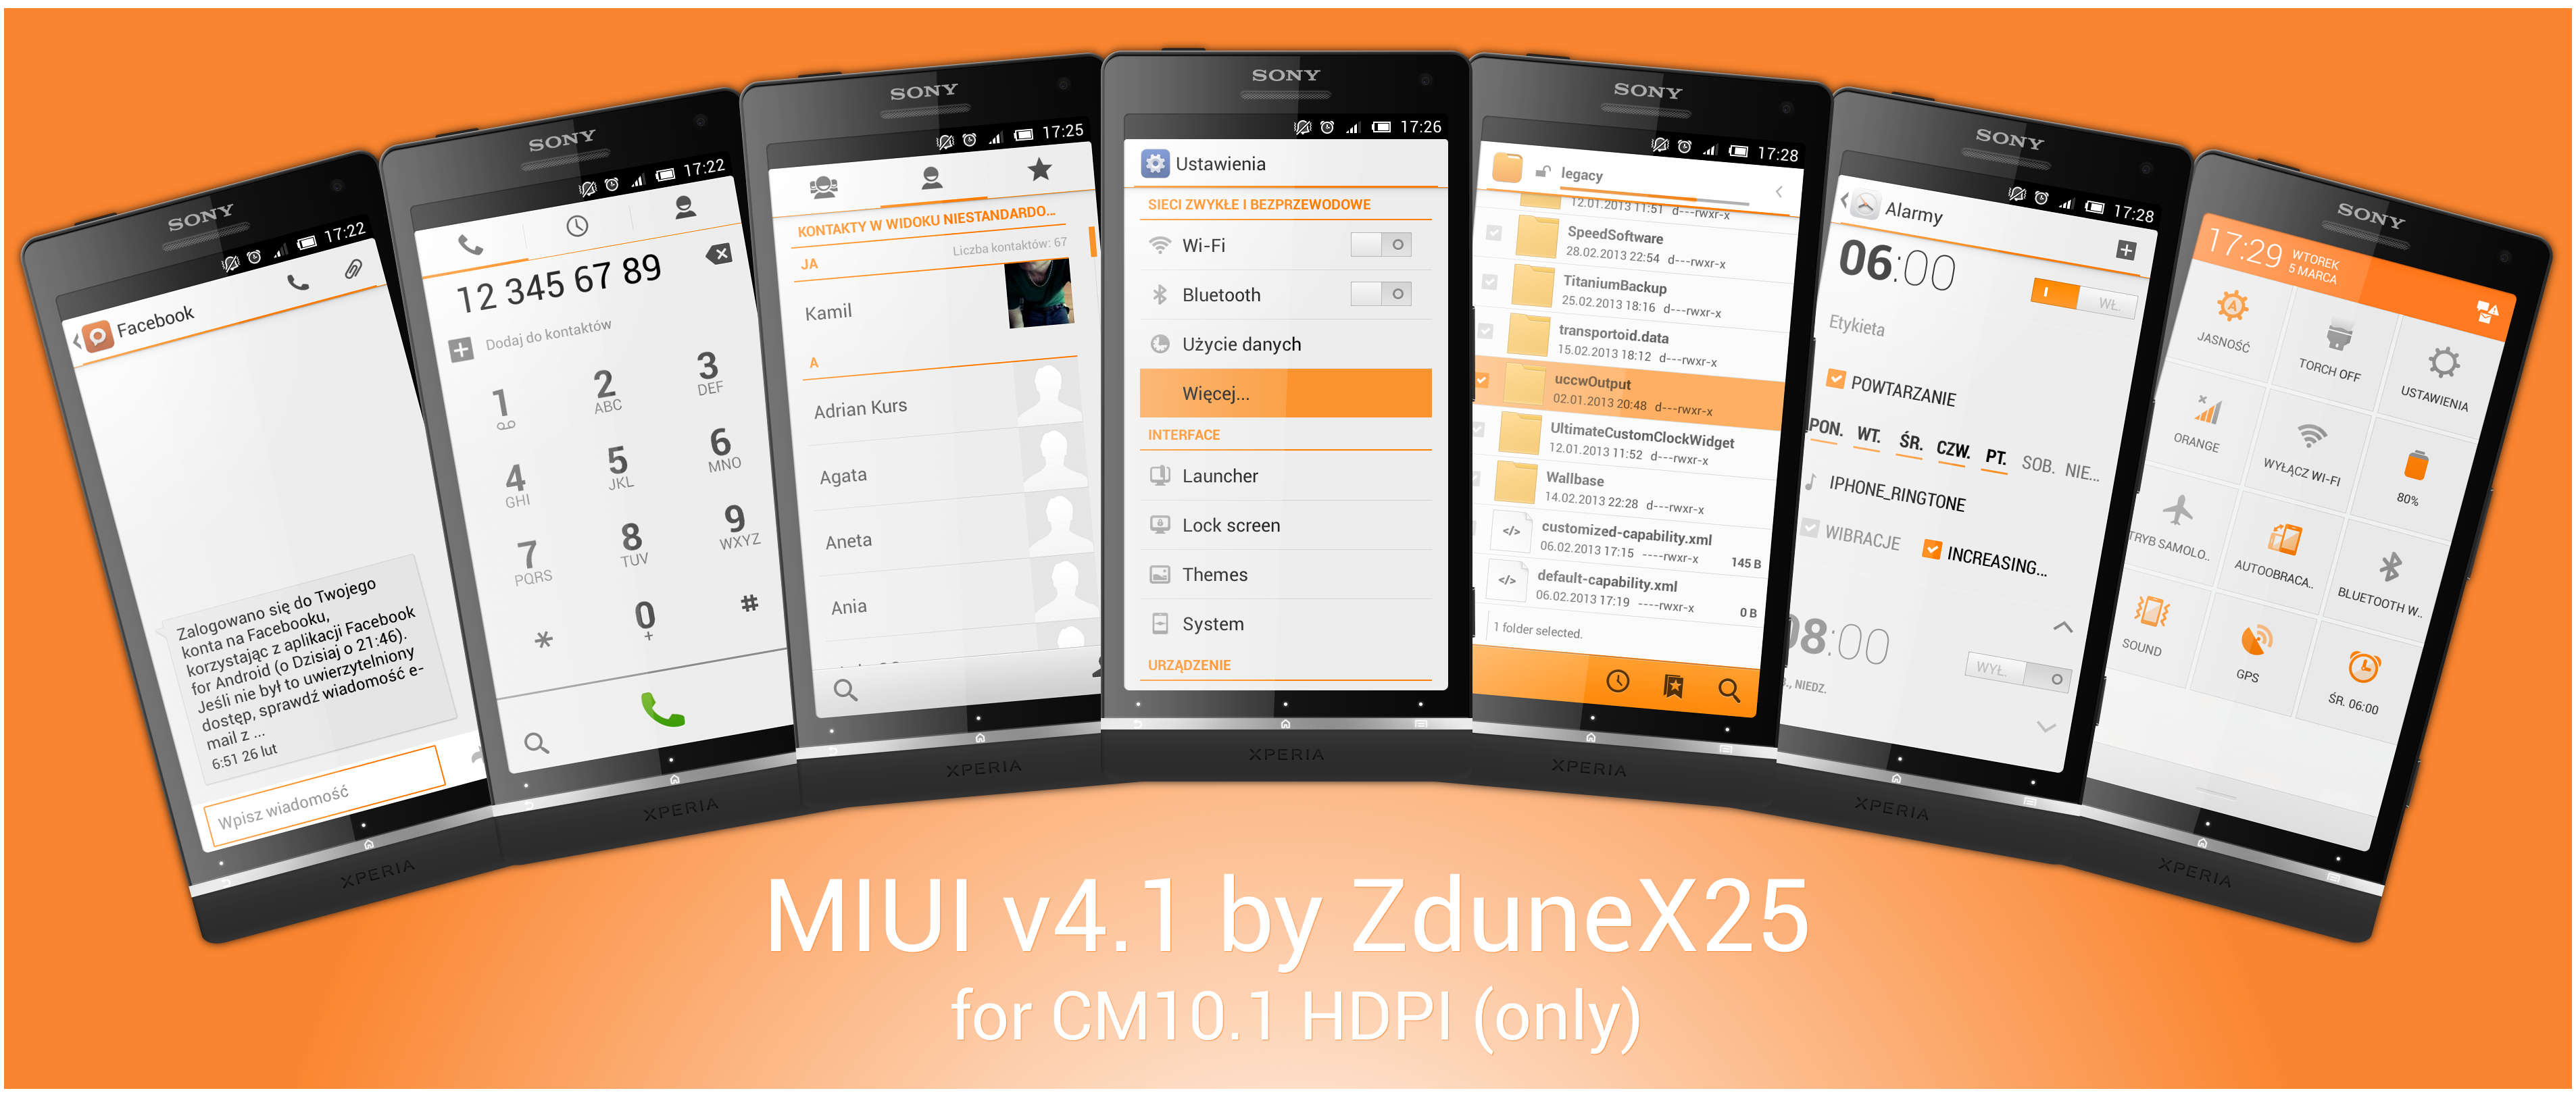 MIUIv4.1 CM10.1 HDPI by ZduneX25 by ZduneX25